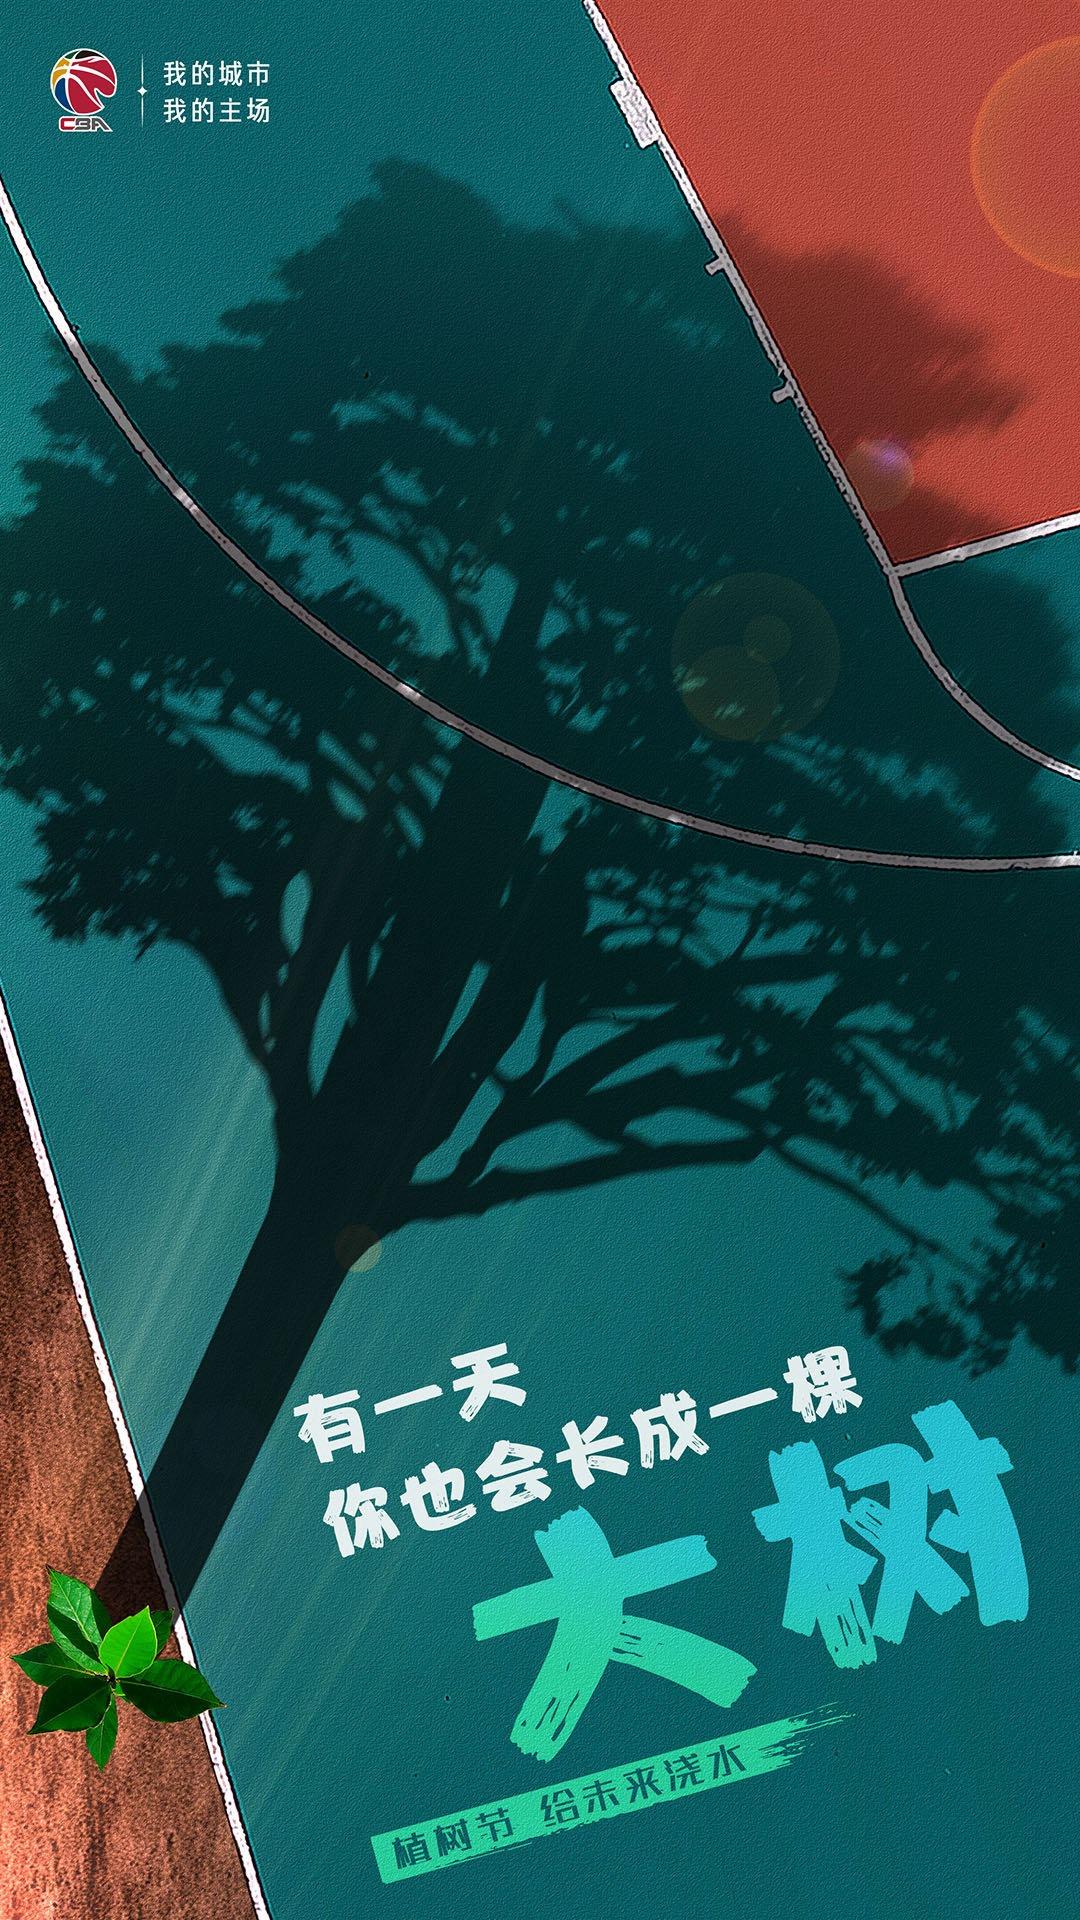 励志!CBA发植树节海报:有一天,你也会长成一棵大树